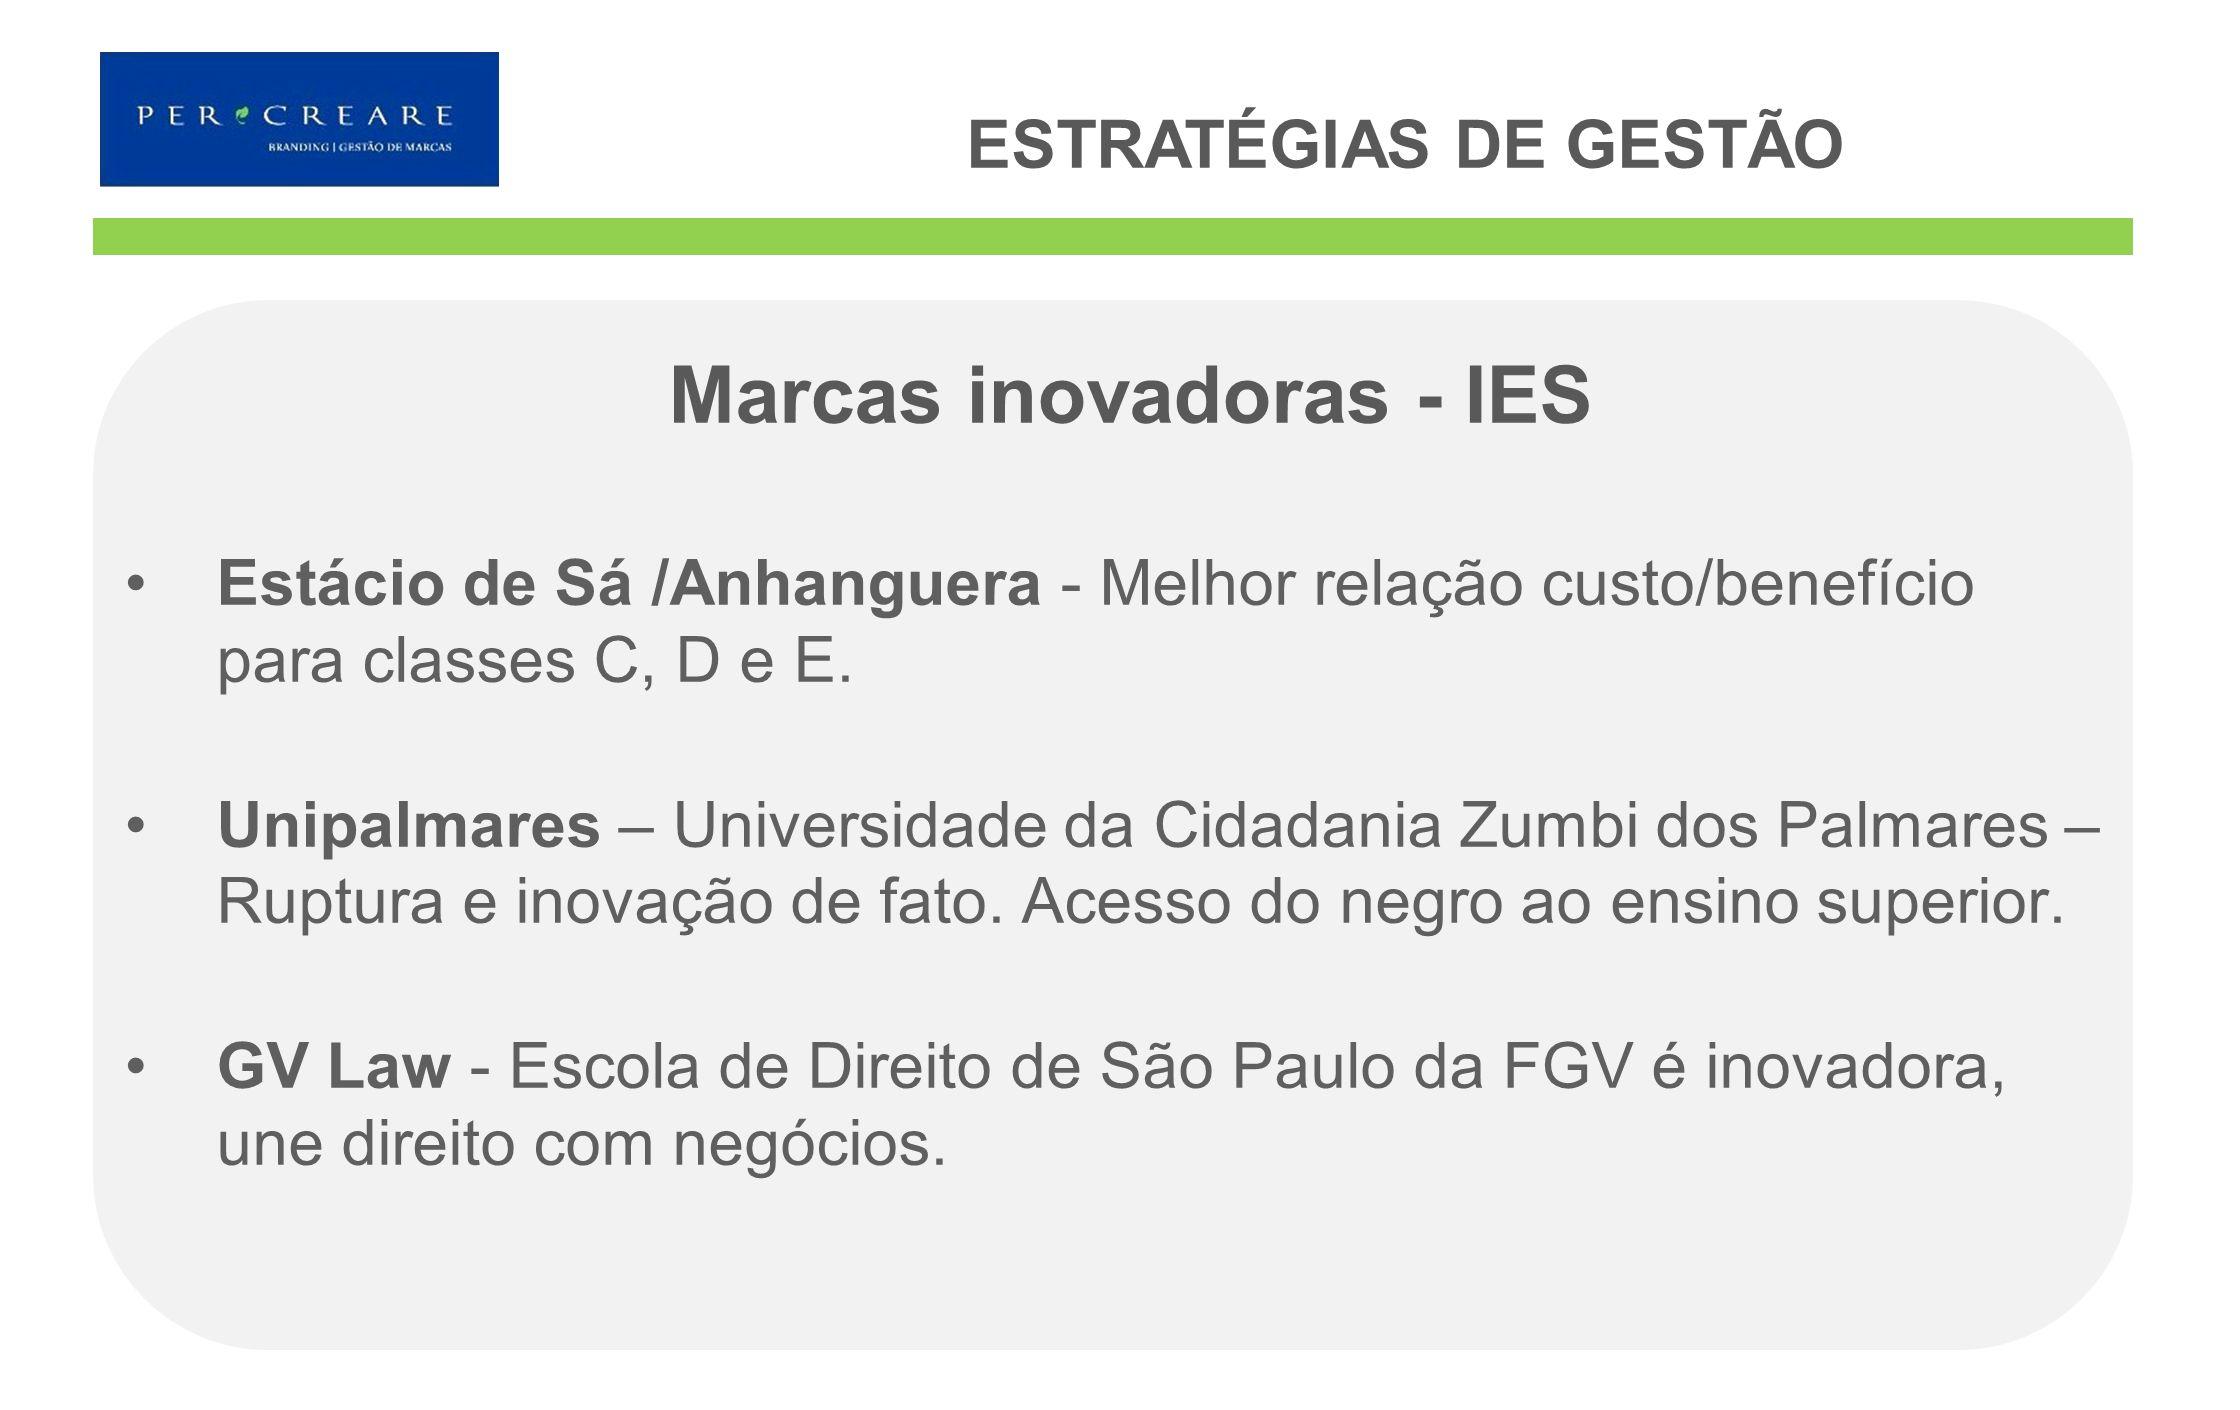 ESTRATÉGIAS DE GESTÃO Marcas inovadoras - IES Estácio de Sá /Anhanguera - Melhor relação custo/benefício para classes C, D e E. Unipalmares – Universi